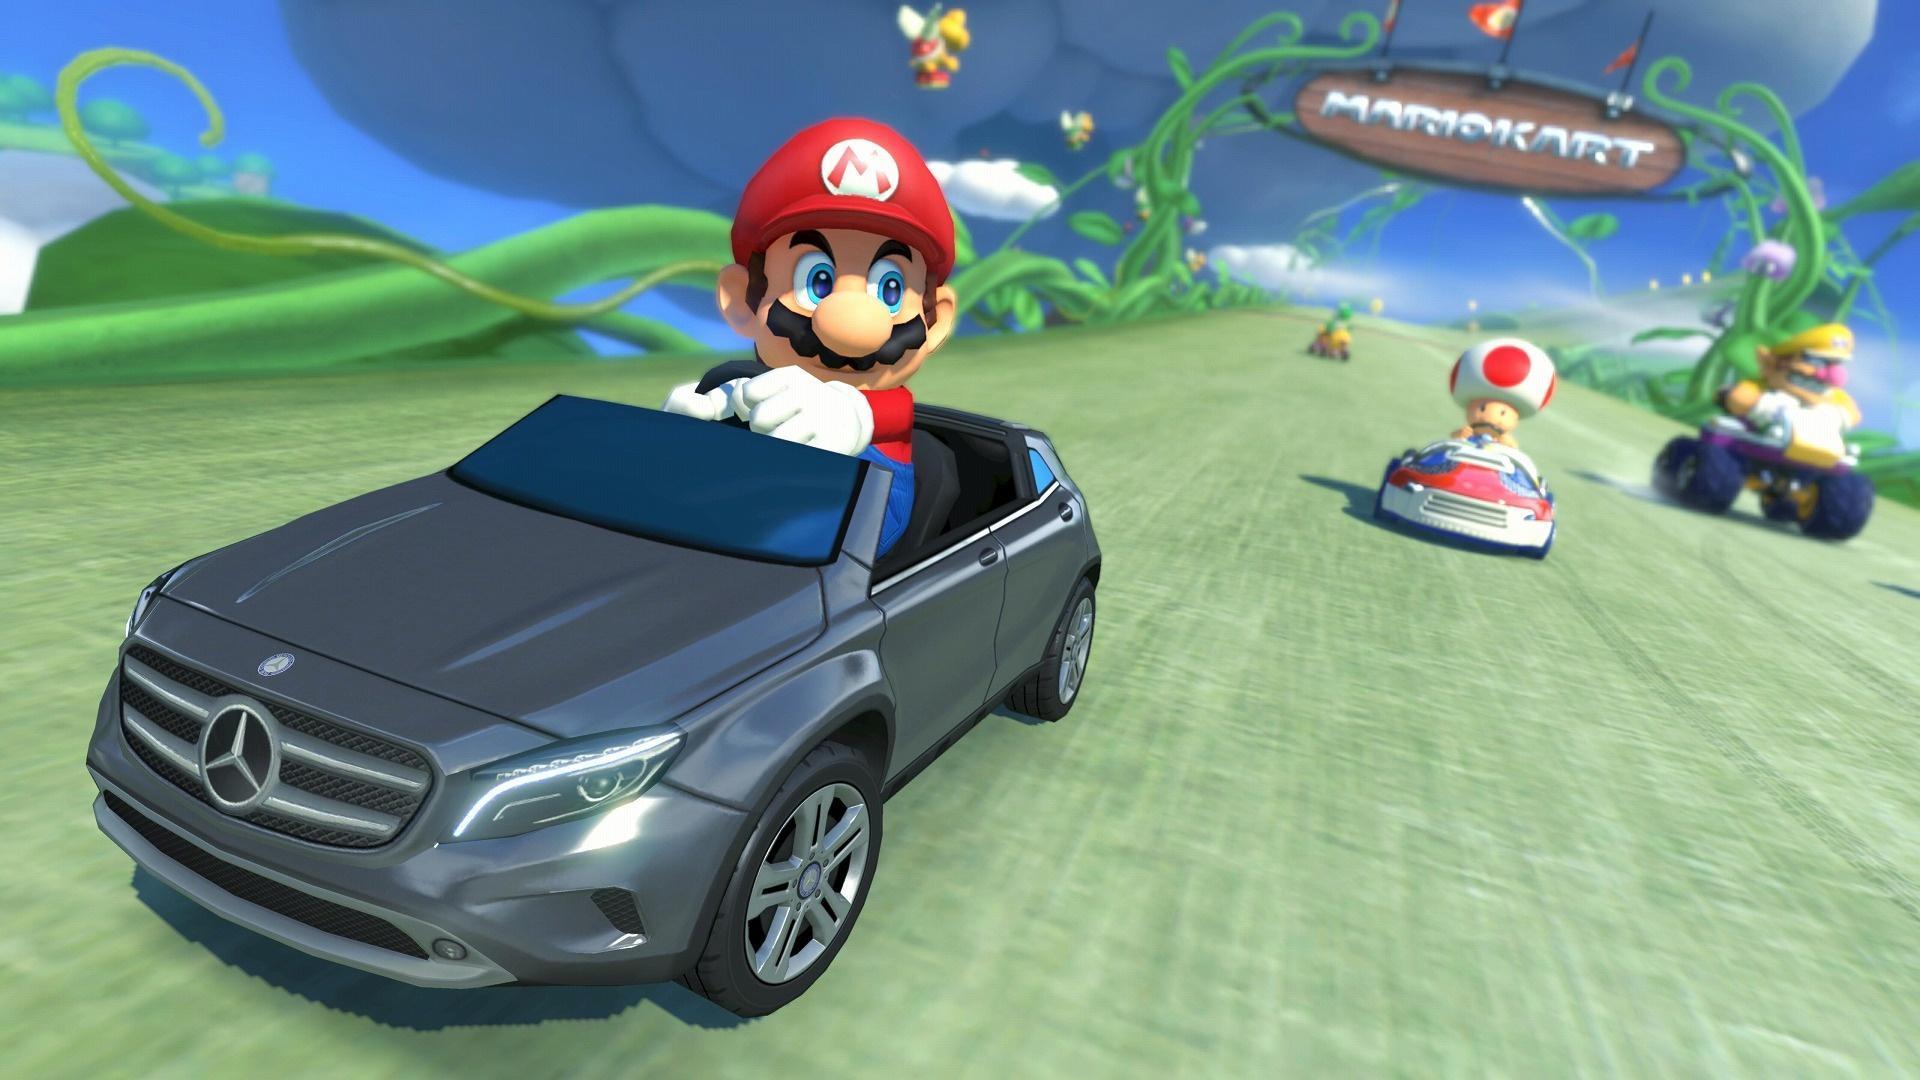 Super Mario in Mercedes